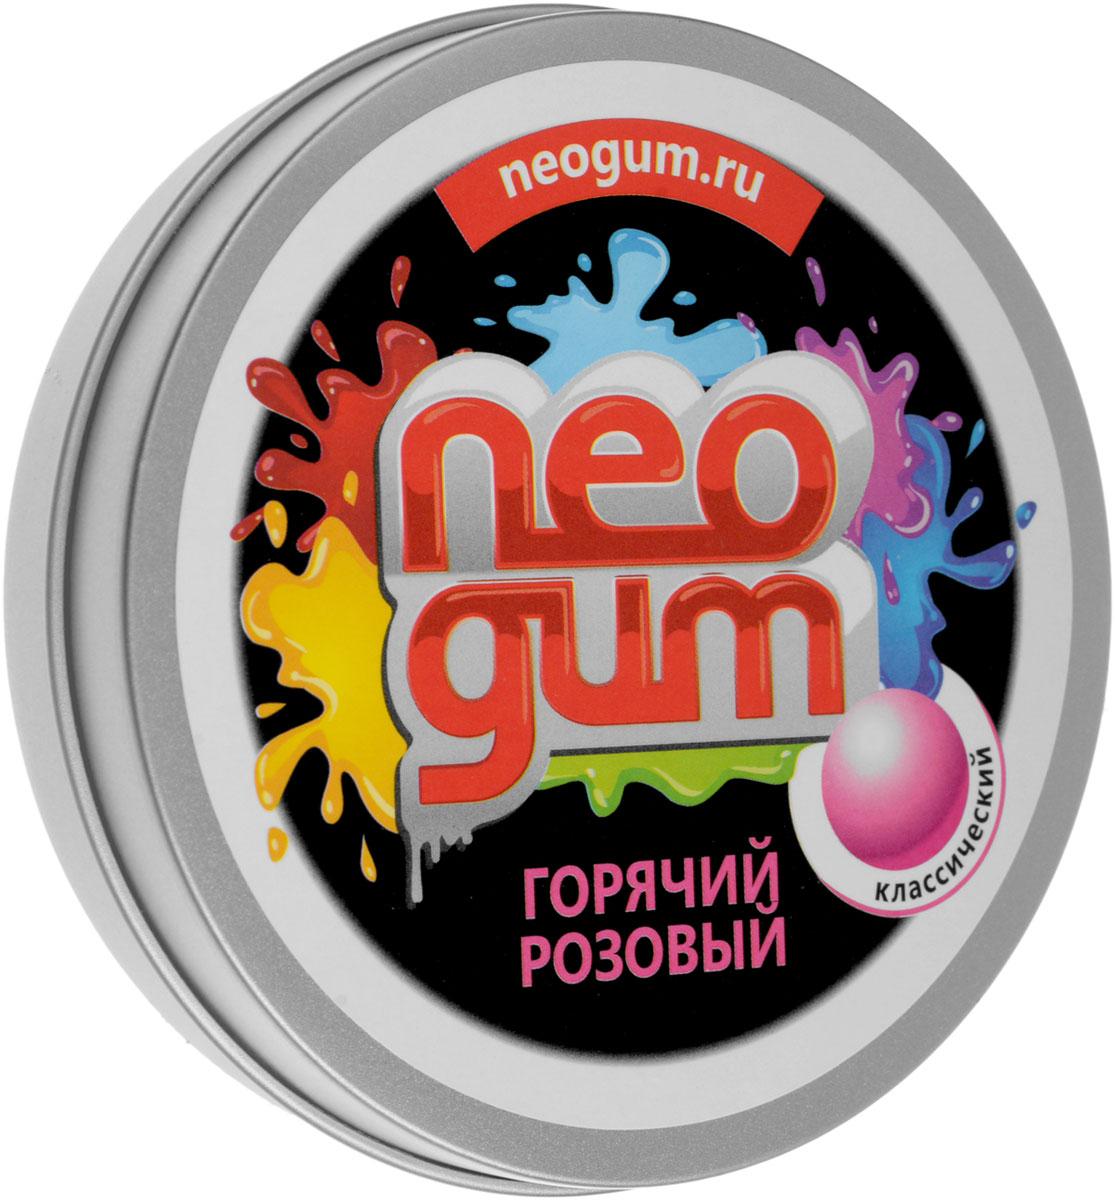 Neogum Жвачка для рук Горячий розовый жвачка для рук neogum пряная вишня ng7021